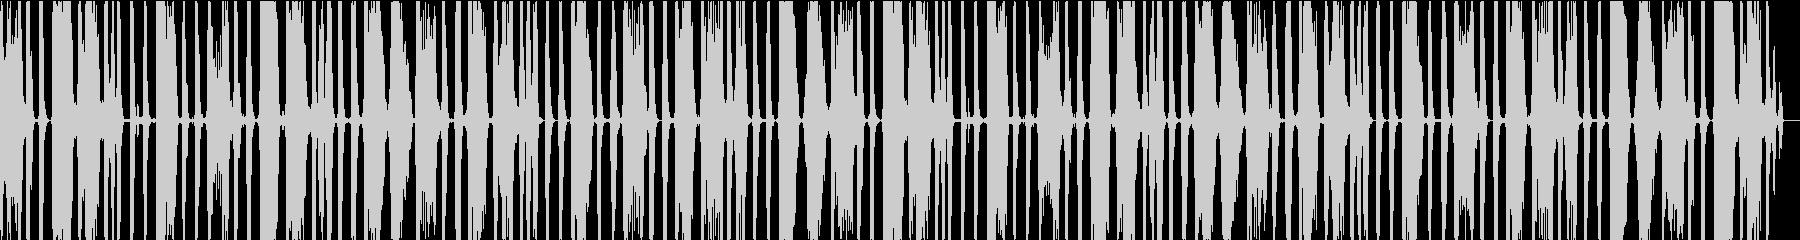 ボイスパーカッション・ビートボックス_6の未再生の波形